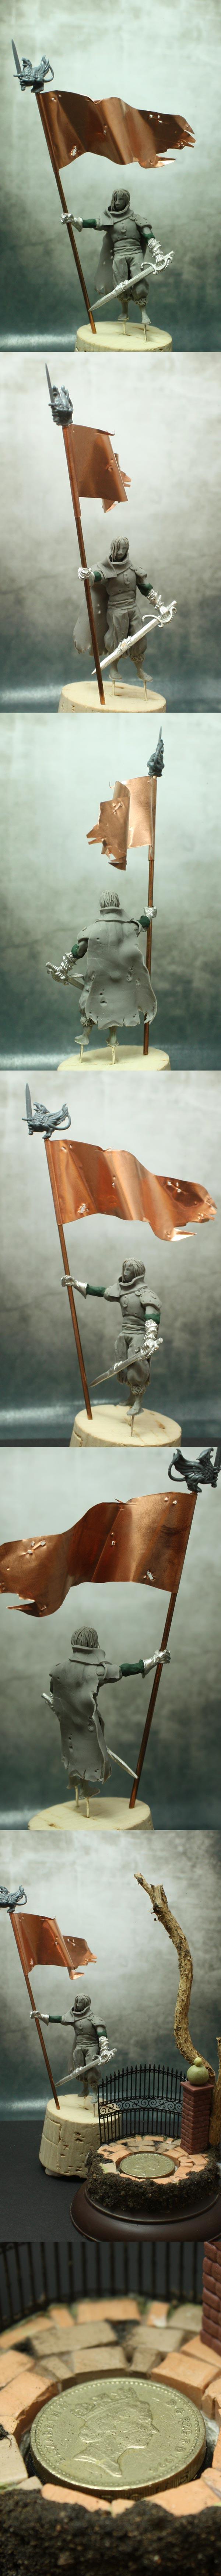 Cathay Warrior Scratchbuilt Sculpt